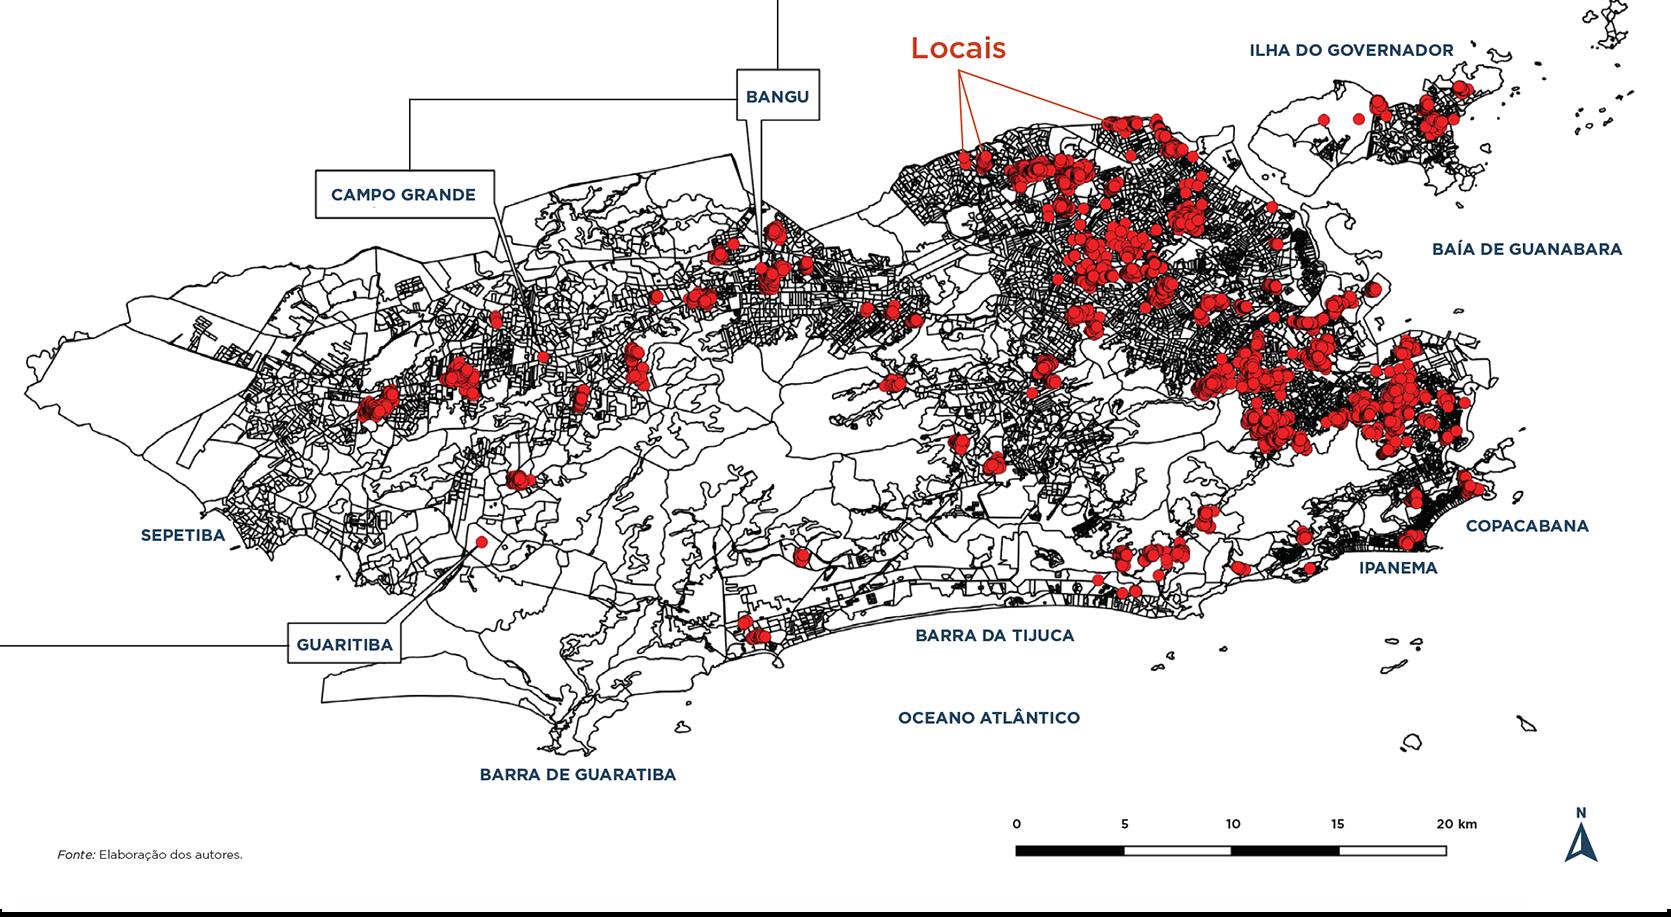 Locais de Favela Bairro II (2000–2008). Fonte: Elaboração do autor.